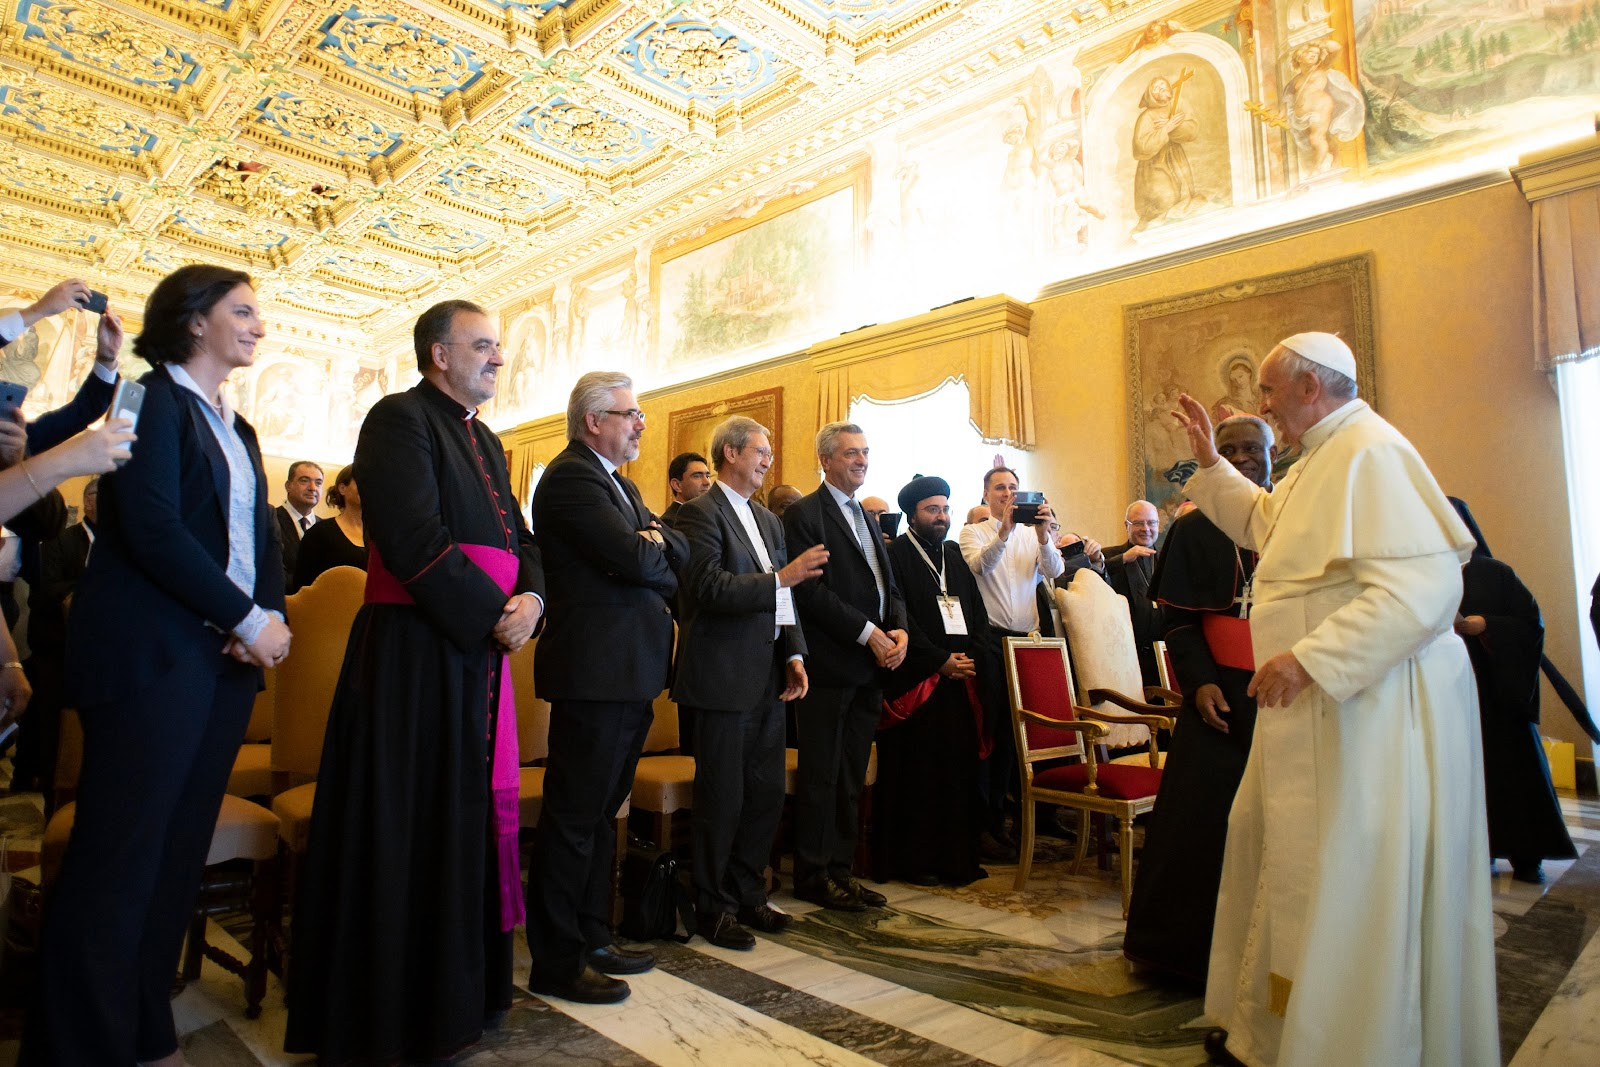 Đức Thánh Cha động viên các Hoạt động bác ái ở Iraq, Syria, các quốc gia lân cận